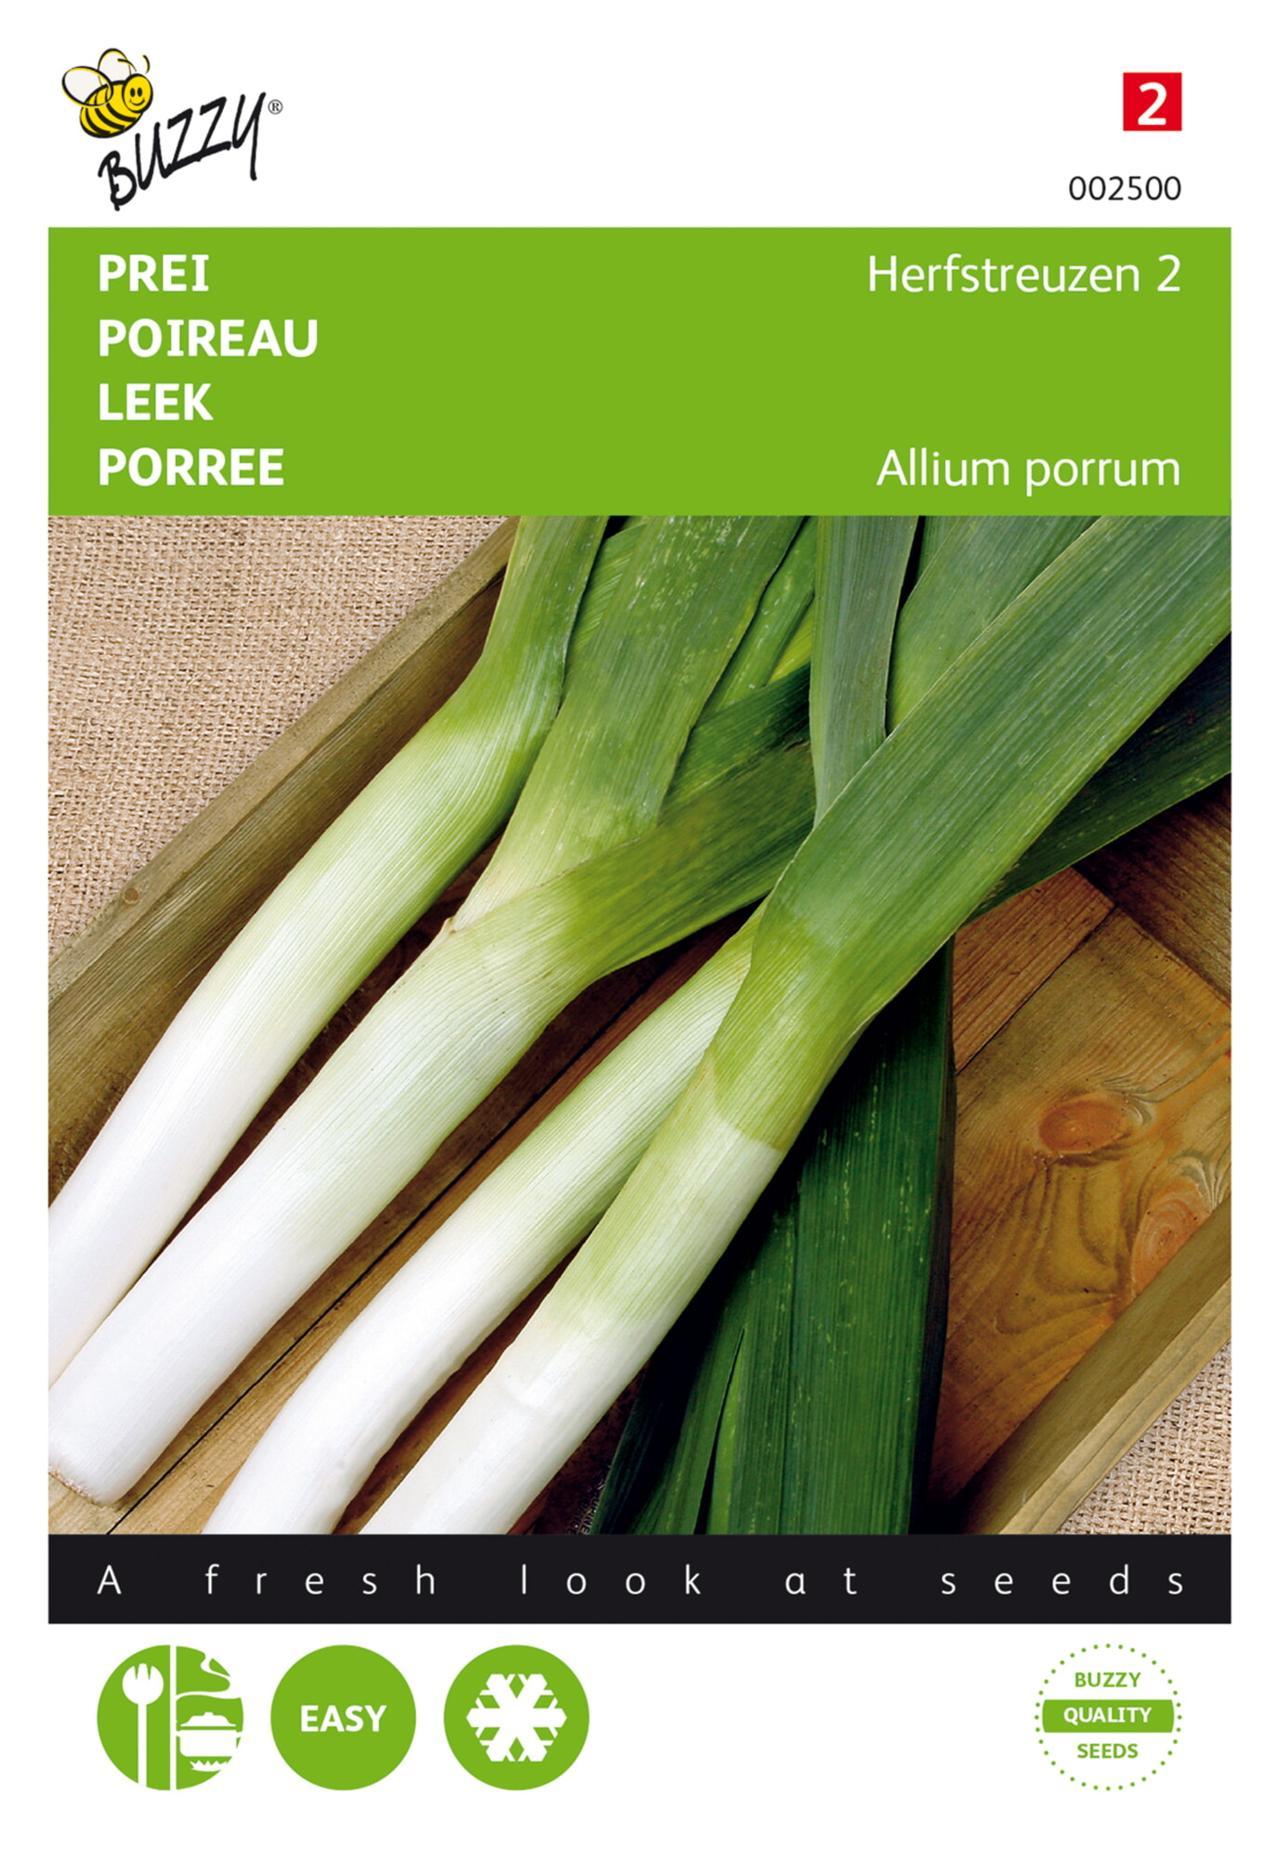 Allium porrum 'Herfstreuzen 2, Olifant' plant